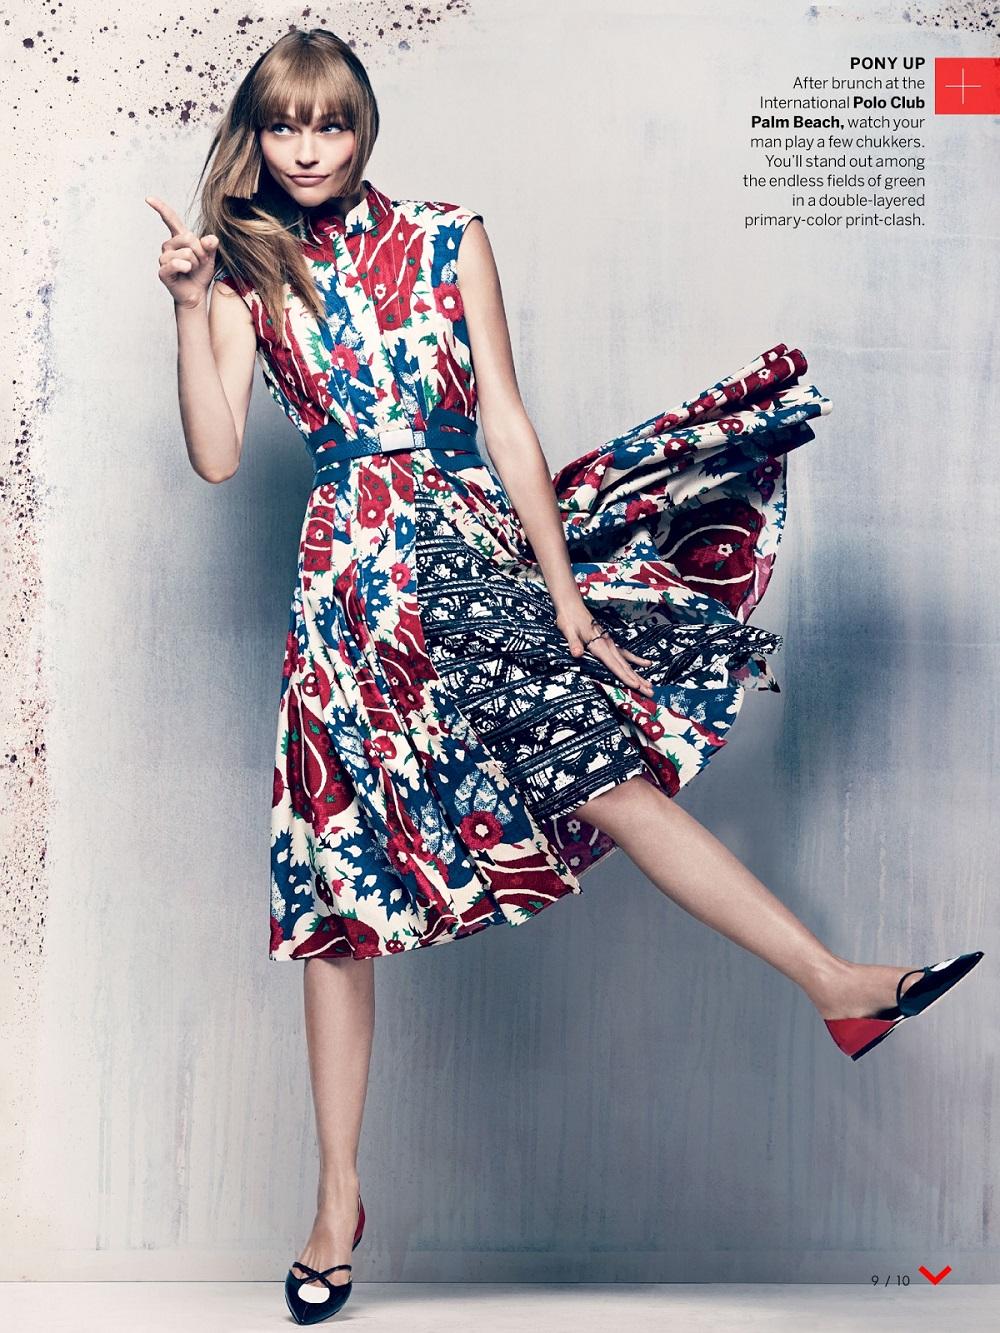 Craig McDean / Sasha Pivovarova / Xiao Wen Ju / Vogue US / November 2013